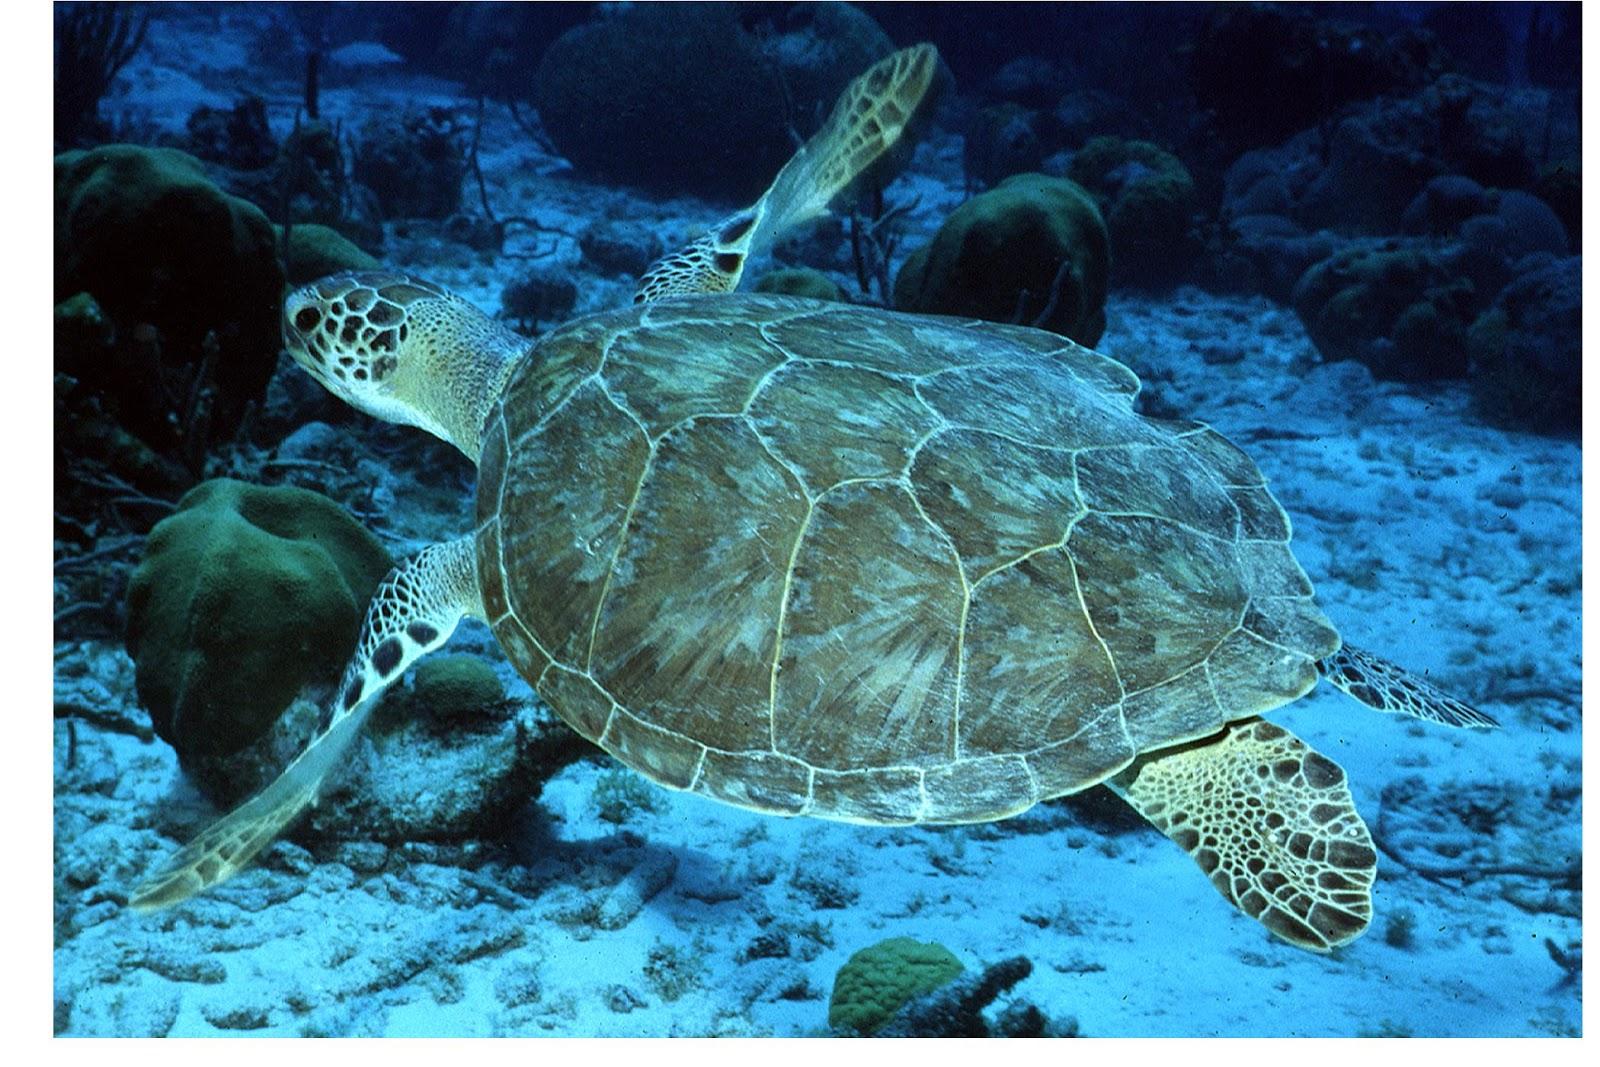 Http Wildlifeanimalz Blogspot Com 2012 12 Hawksbill Turtles Html